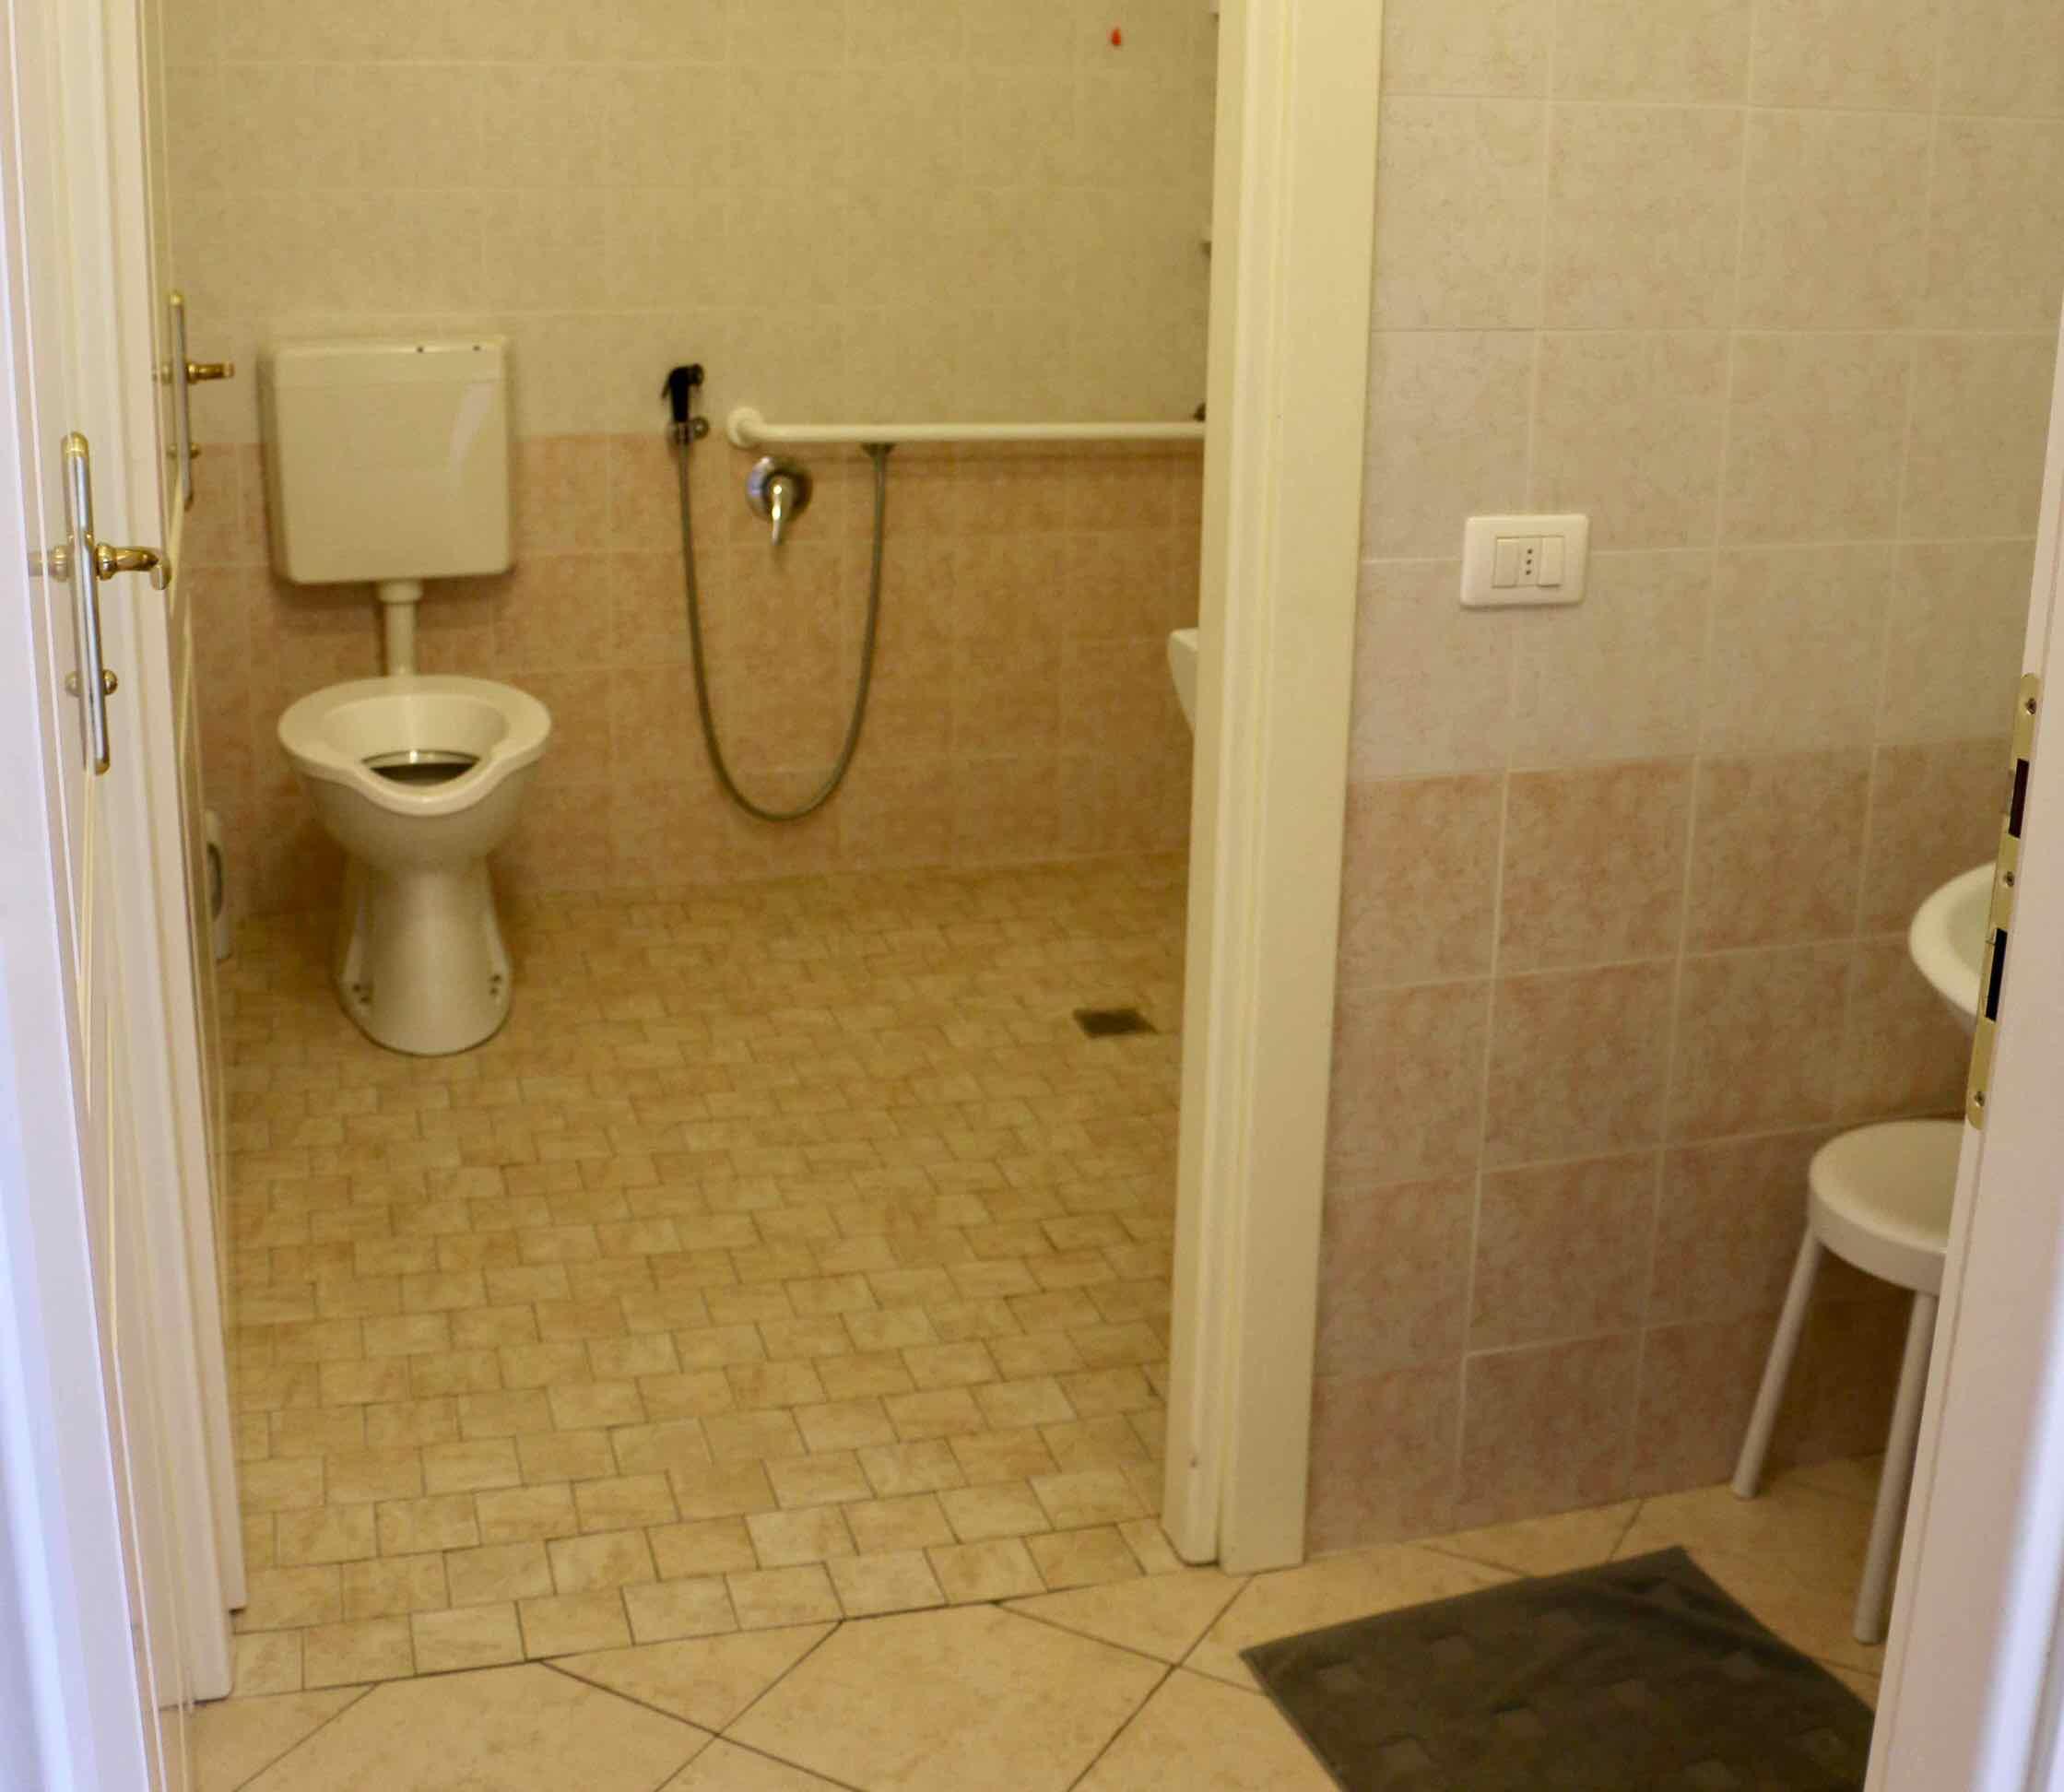 Casa per Ferie Villaggio Ospitale - Centro San Salvatore Villaggio del Ragazzo - 16